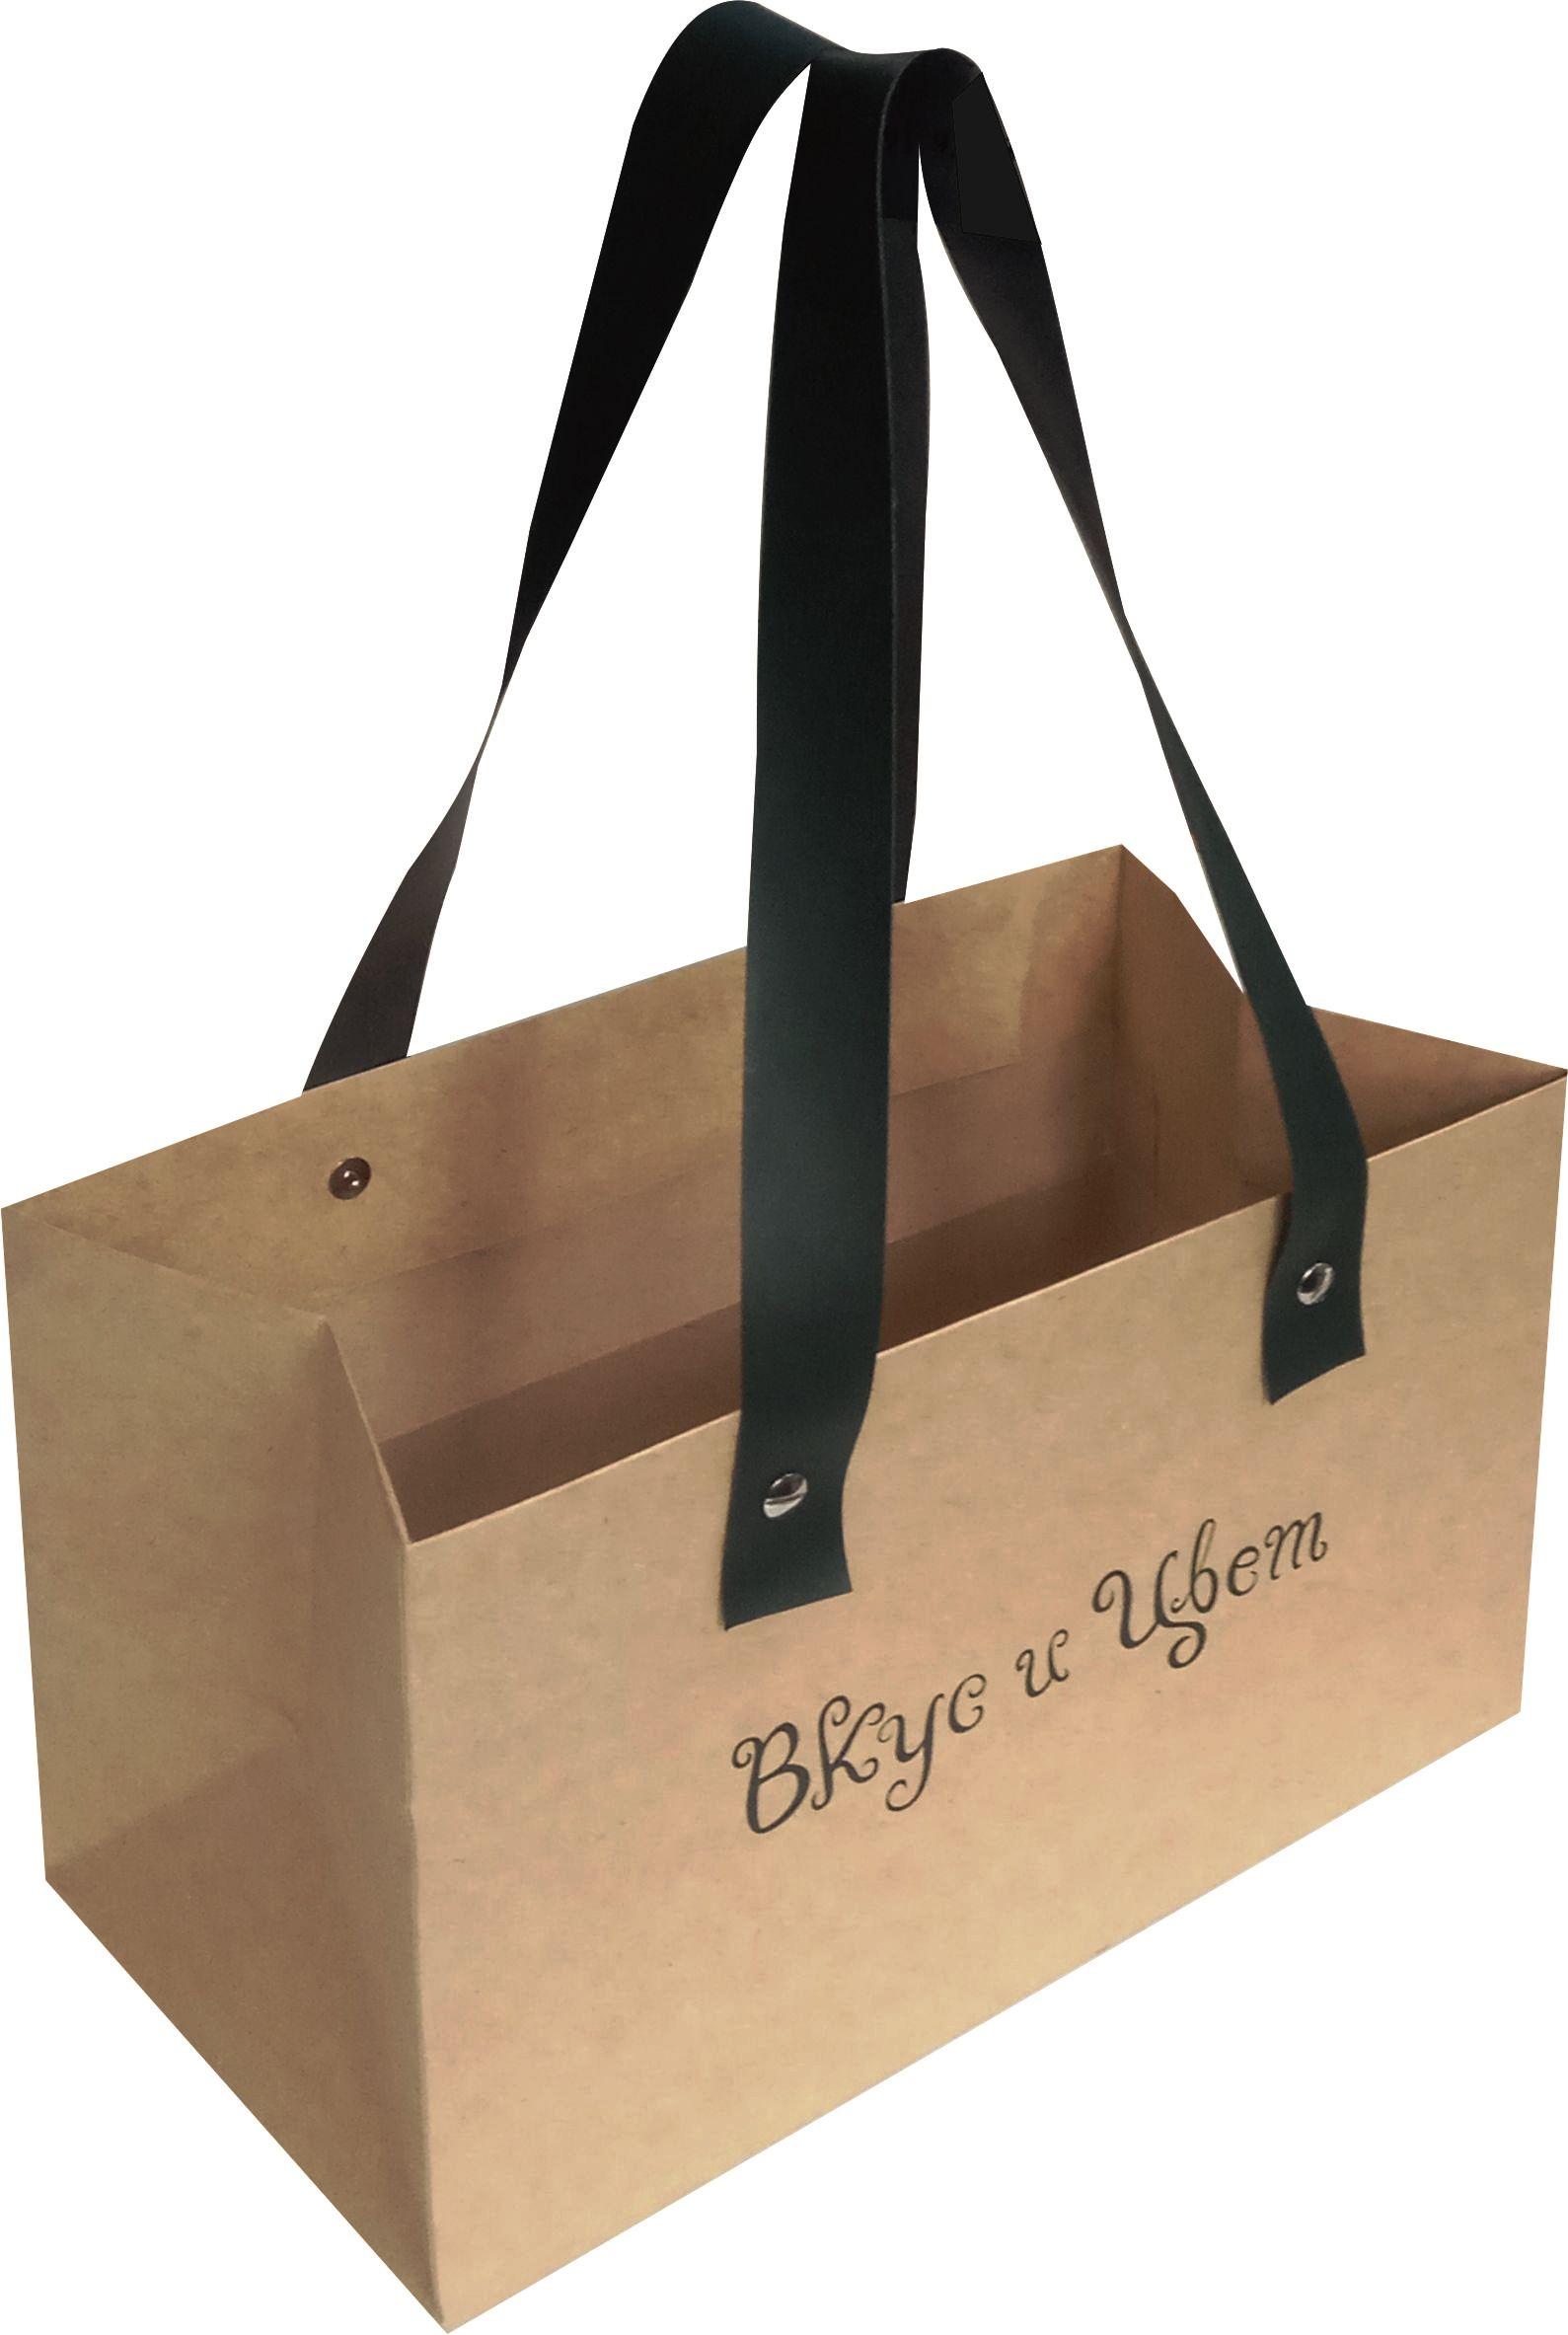 Сумка-пакет для цветов. Ручки - кожзам на болтах. Выдерживает вес 3,5 кг.